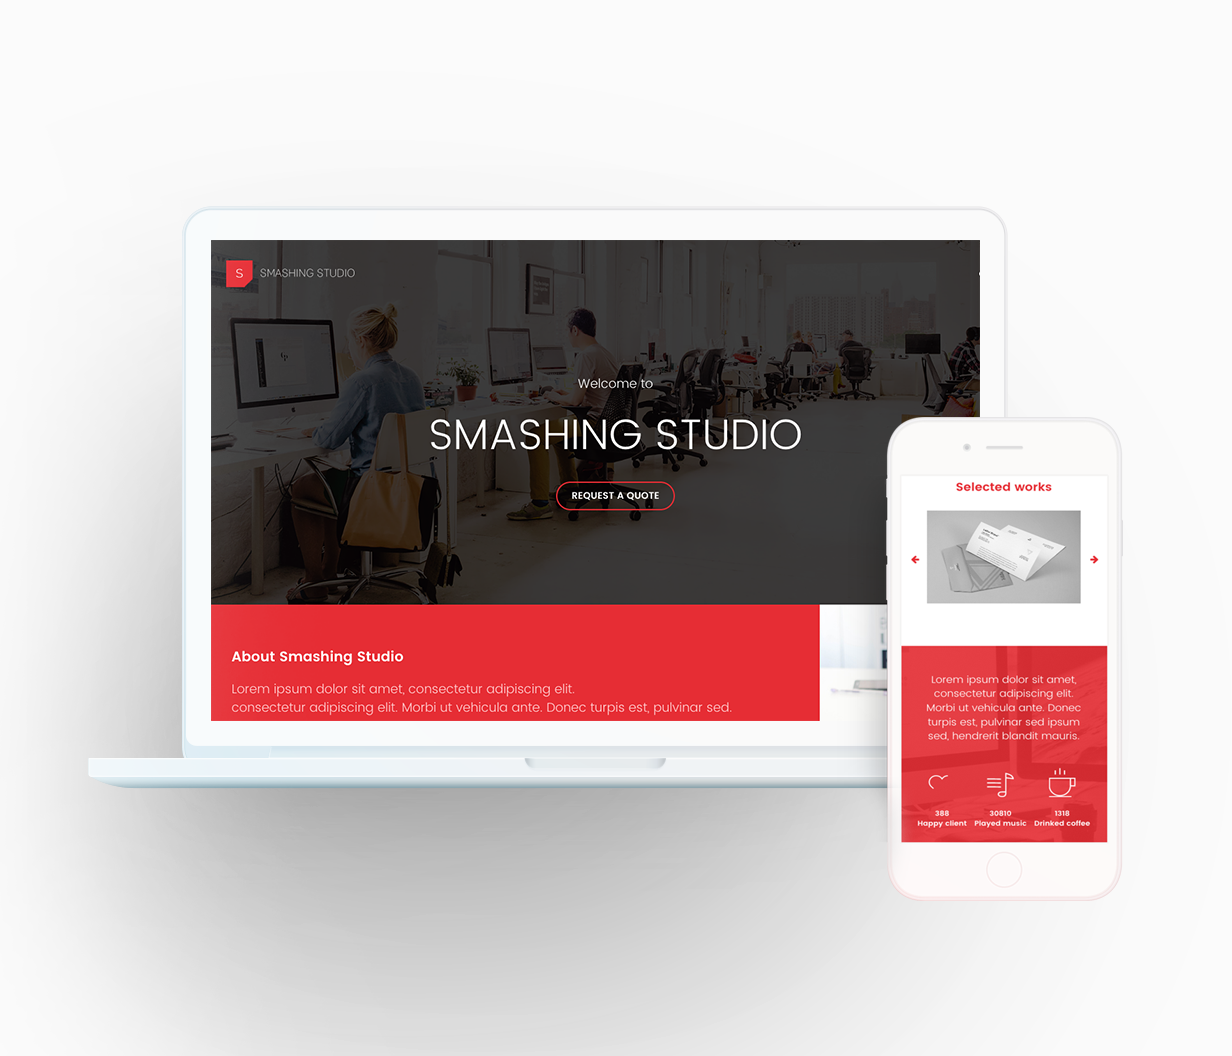 Smashing Studio Landing Page - 1